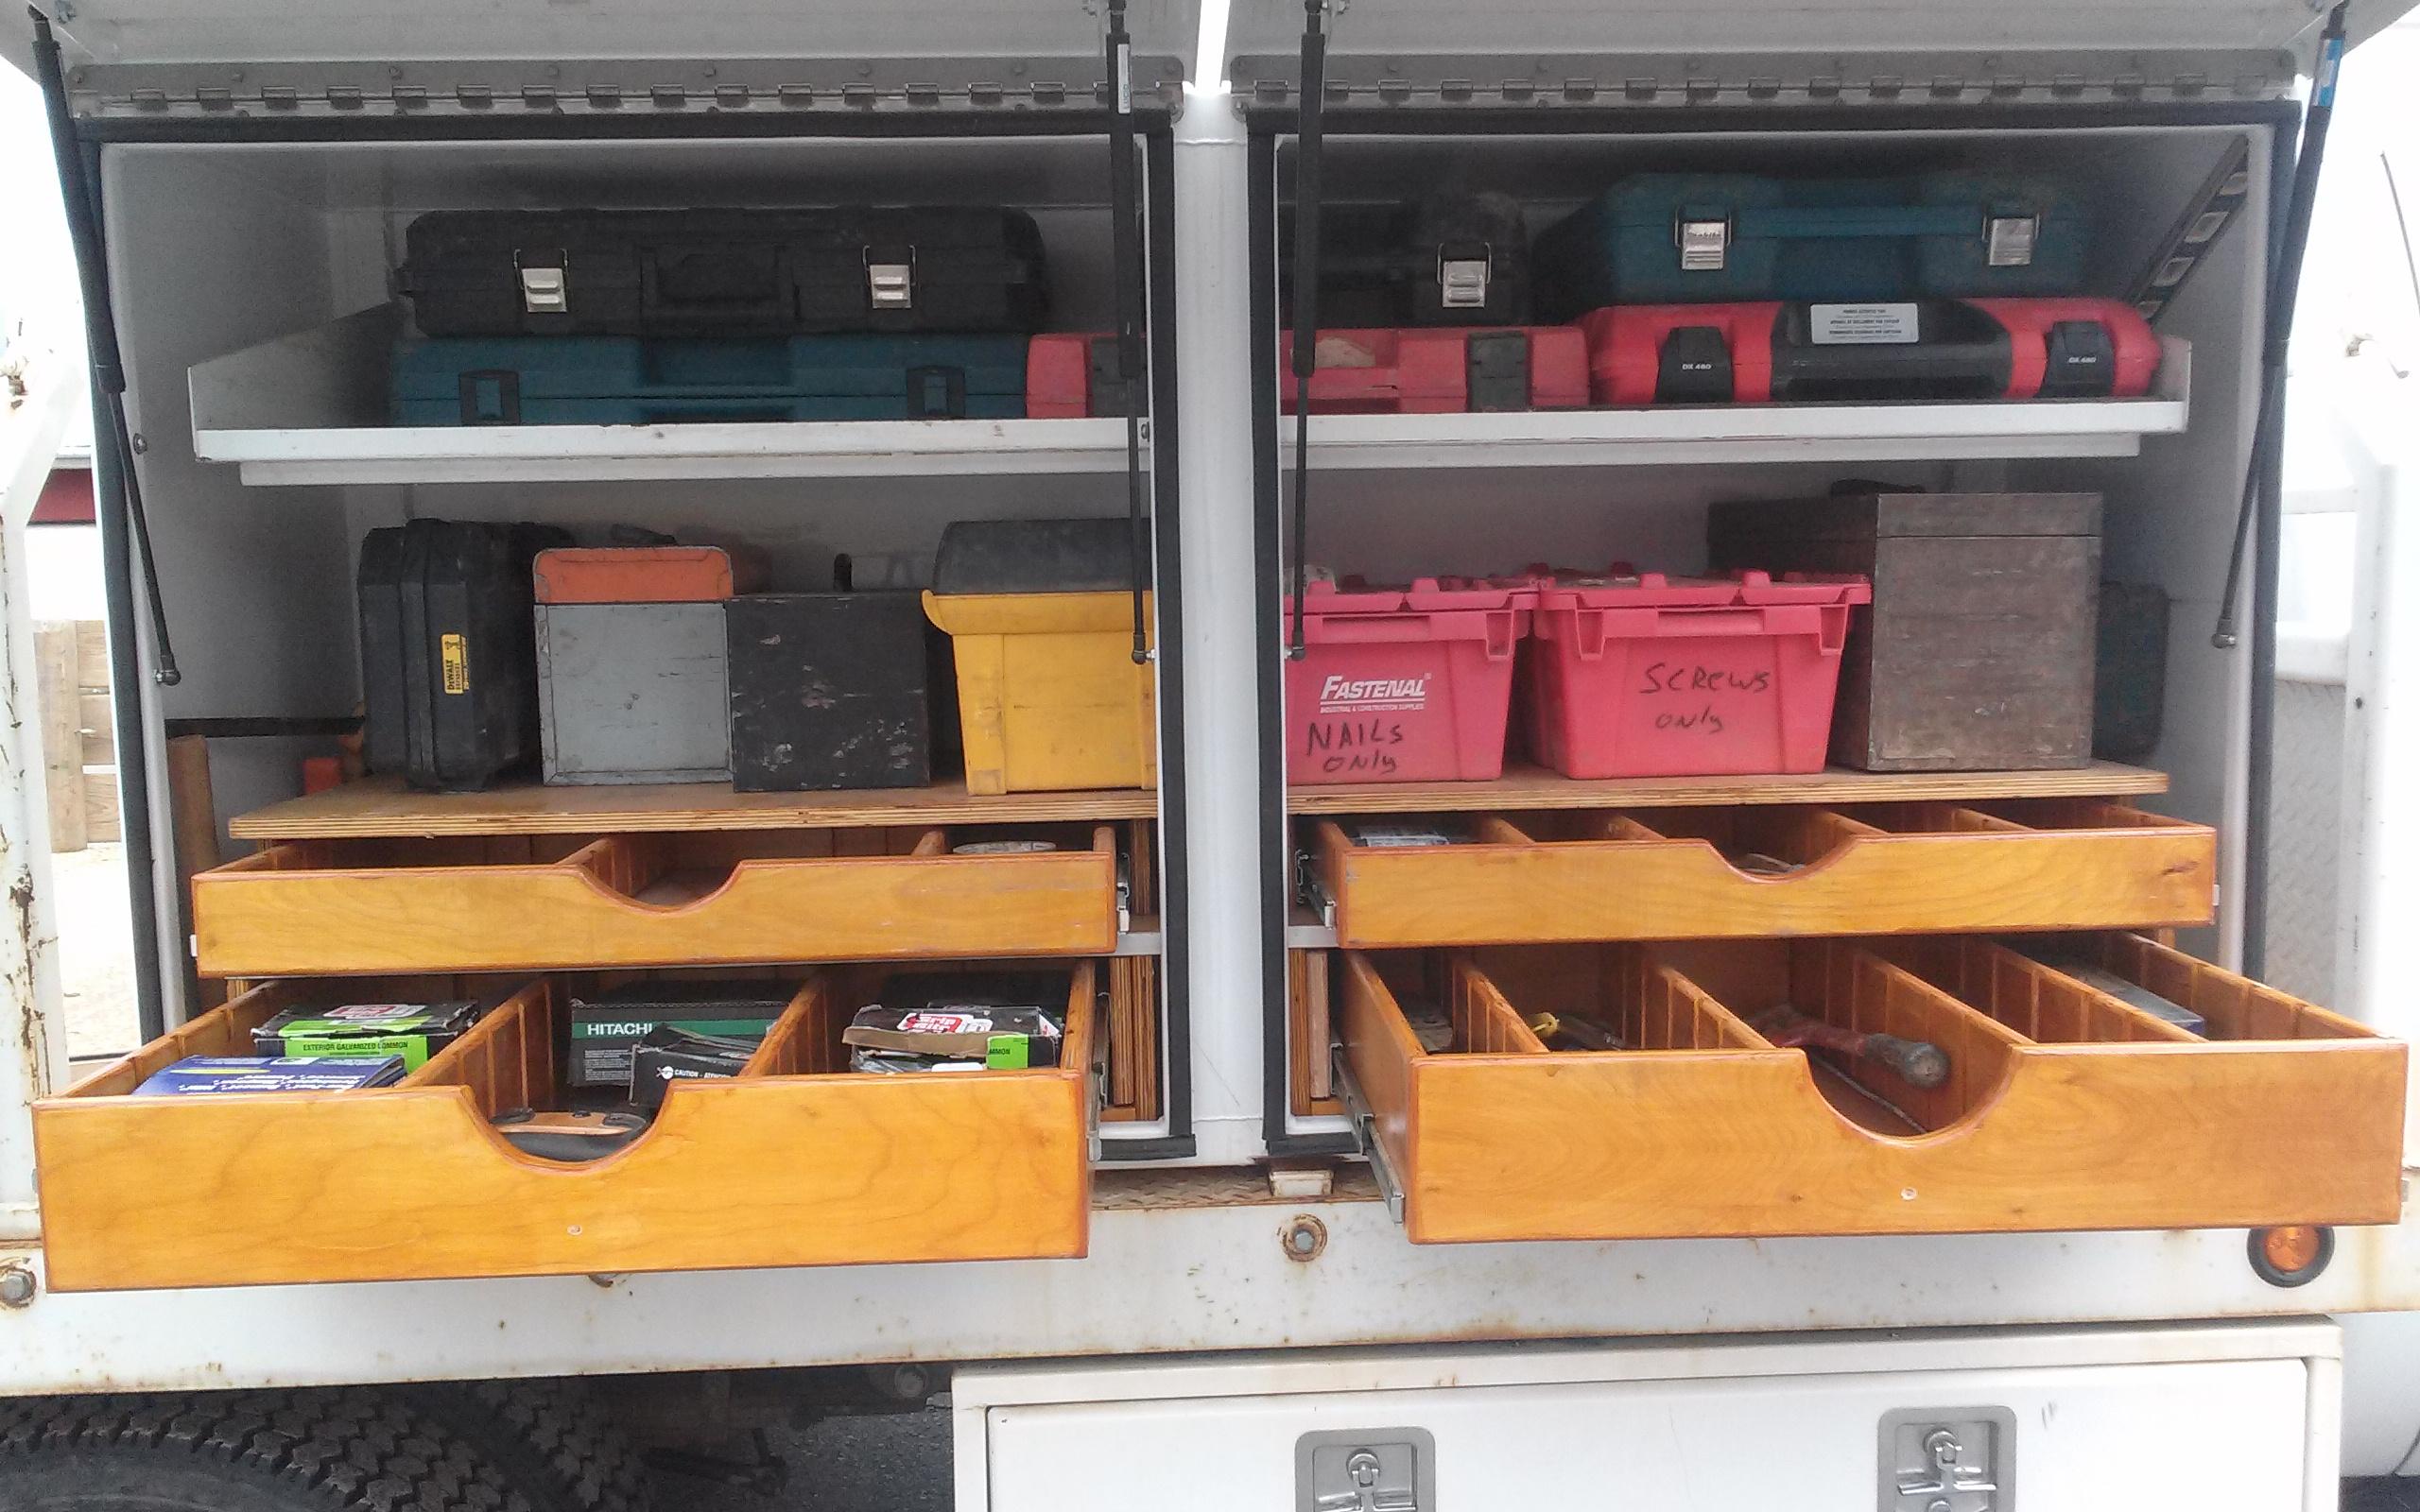 Post your work truck/van thread-0303151600_1445807981231.jpg